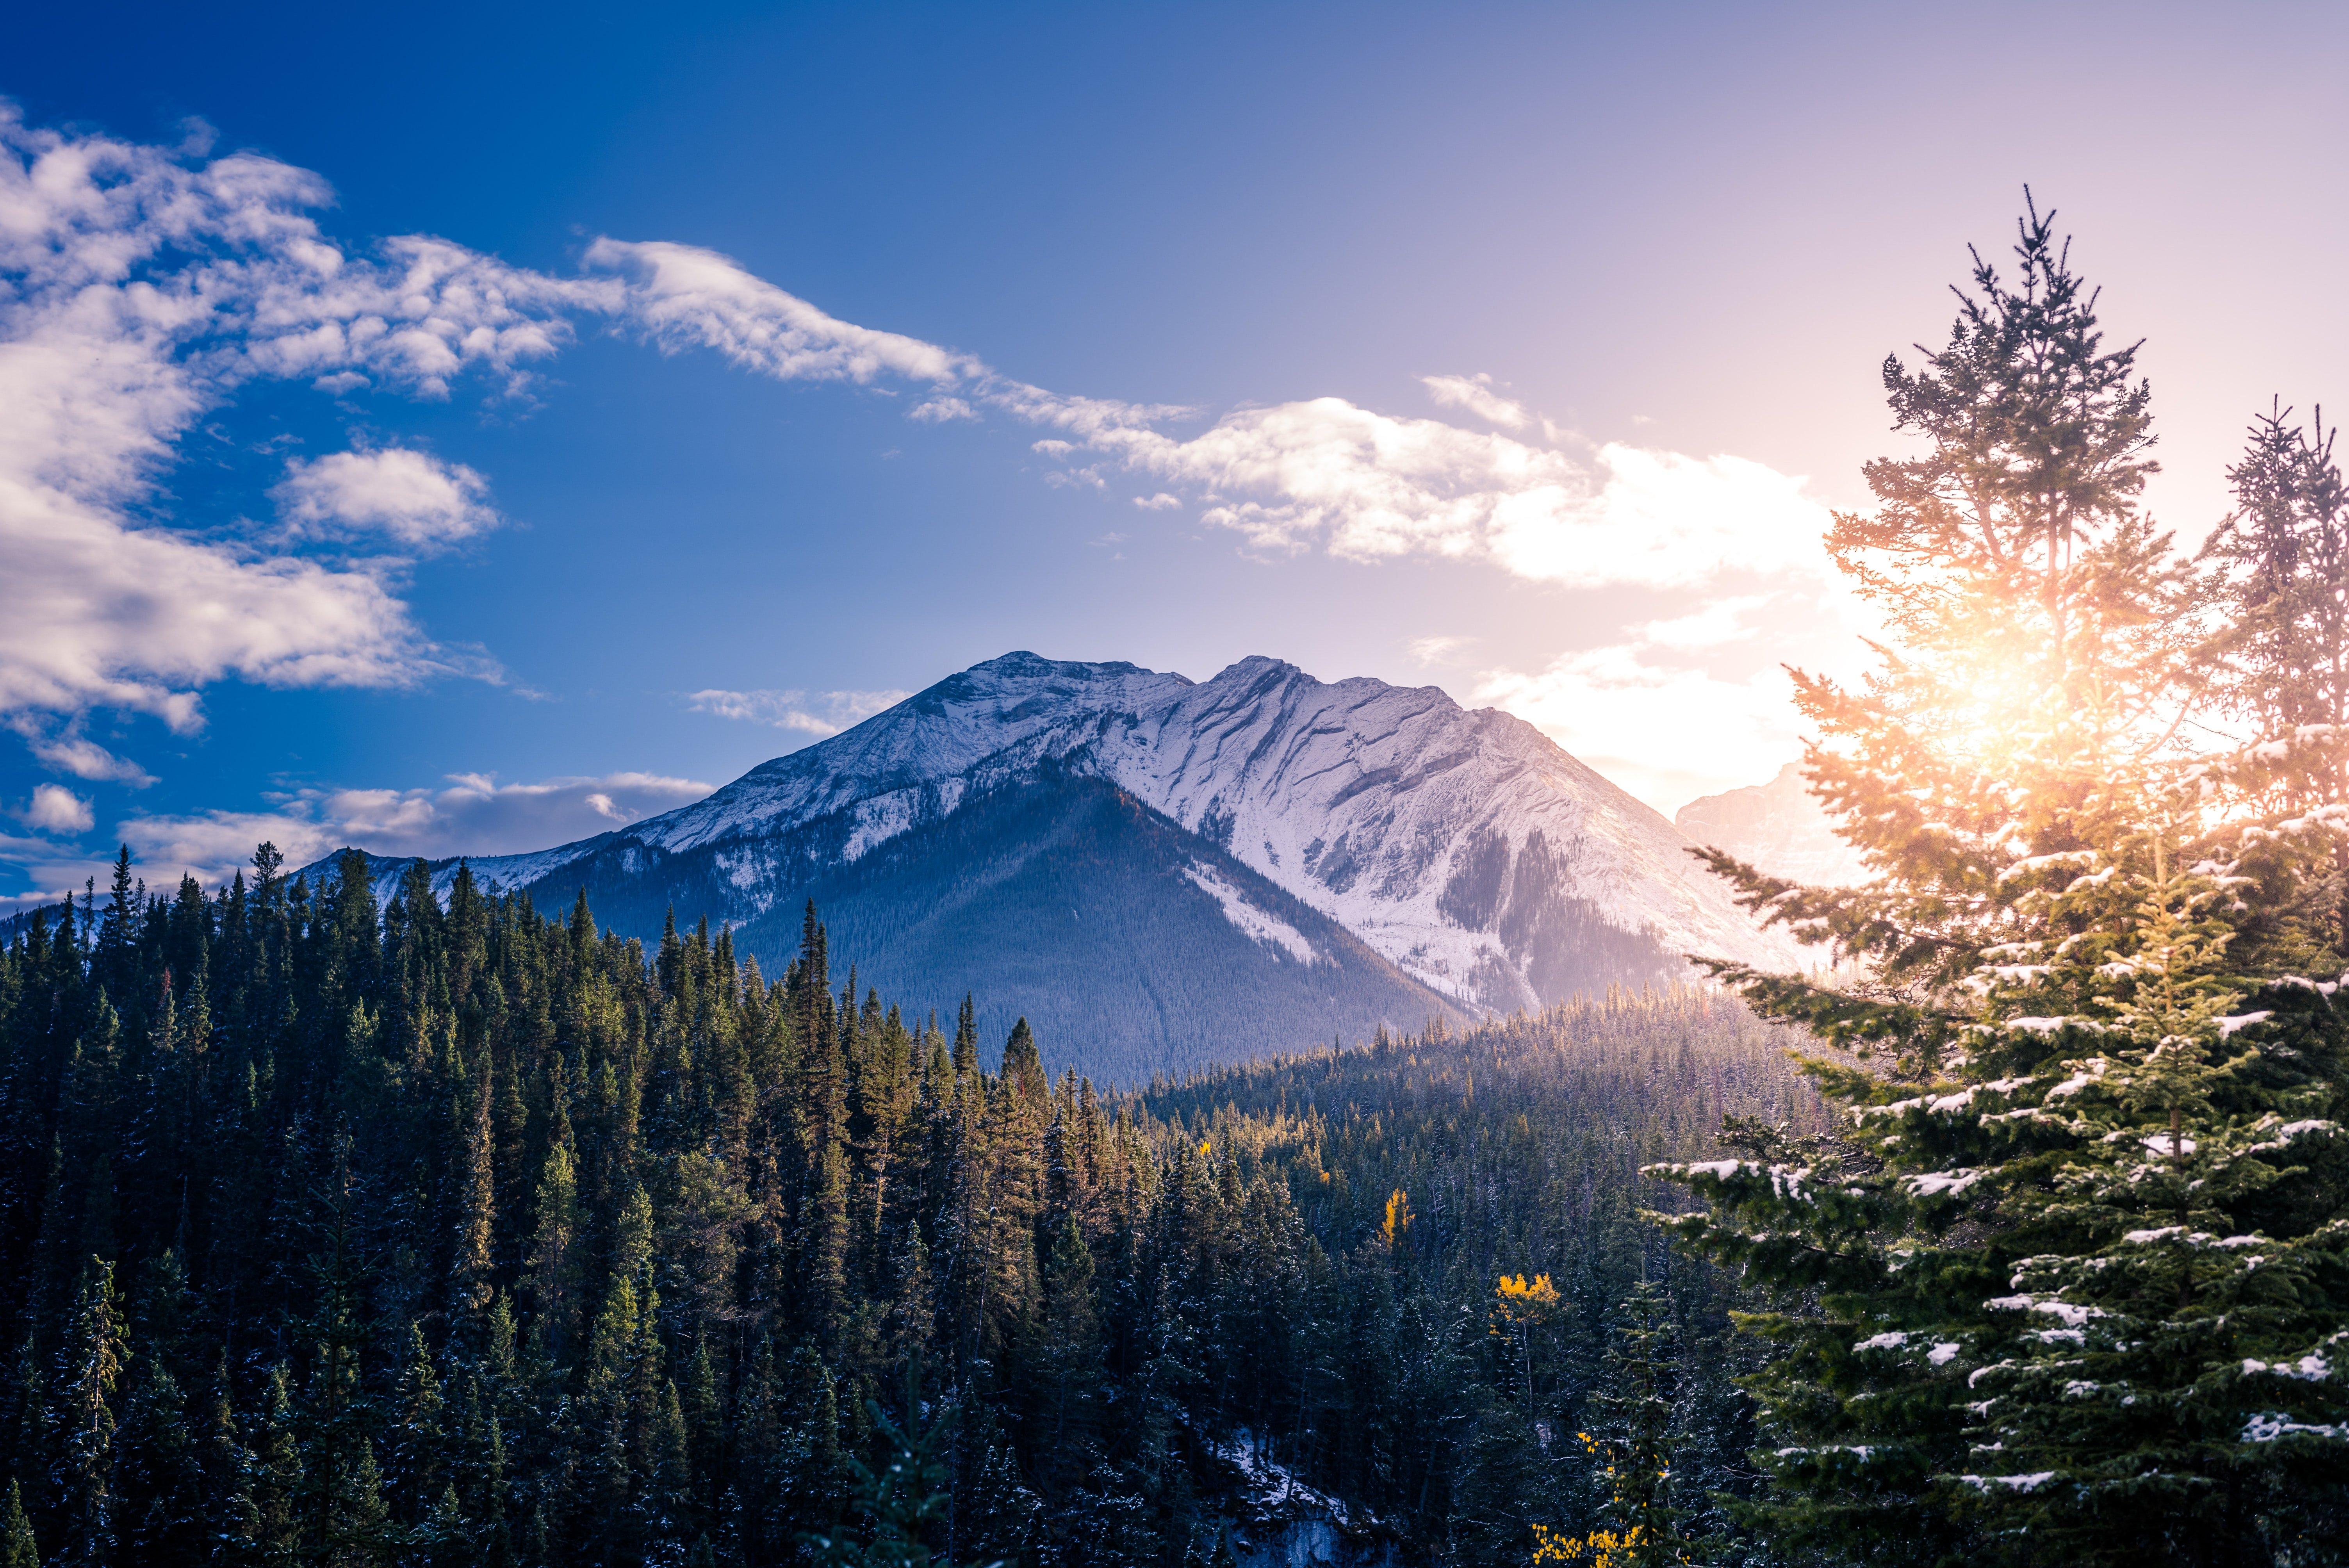 Fondos de pantalla Bosque en las montañas al amanecer